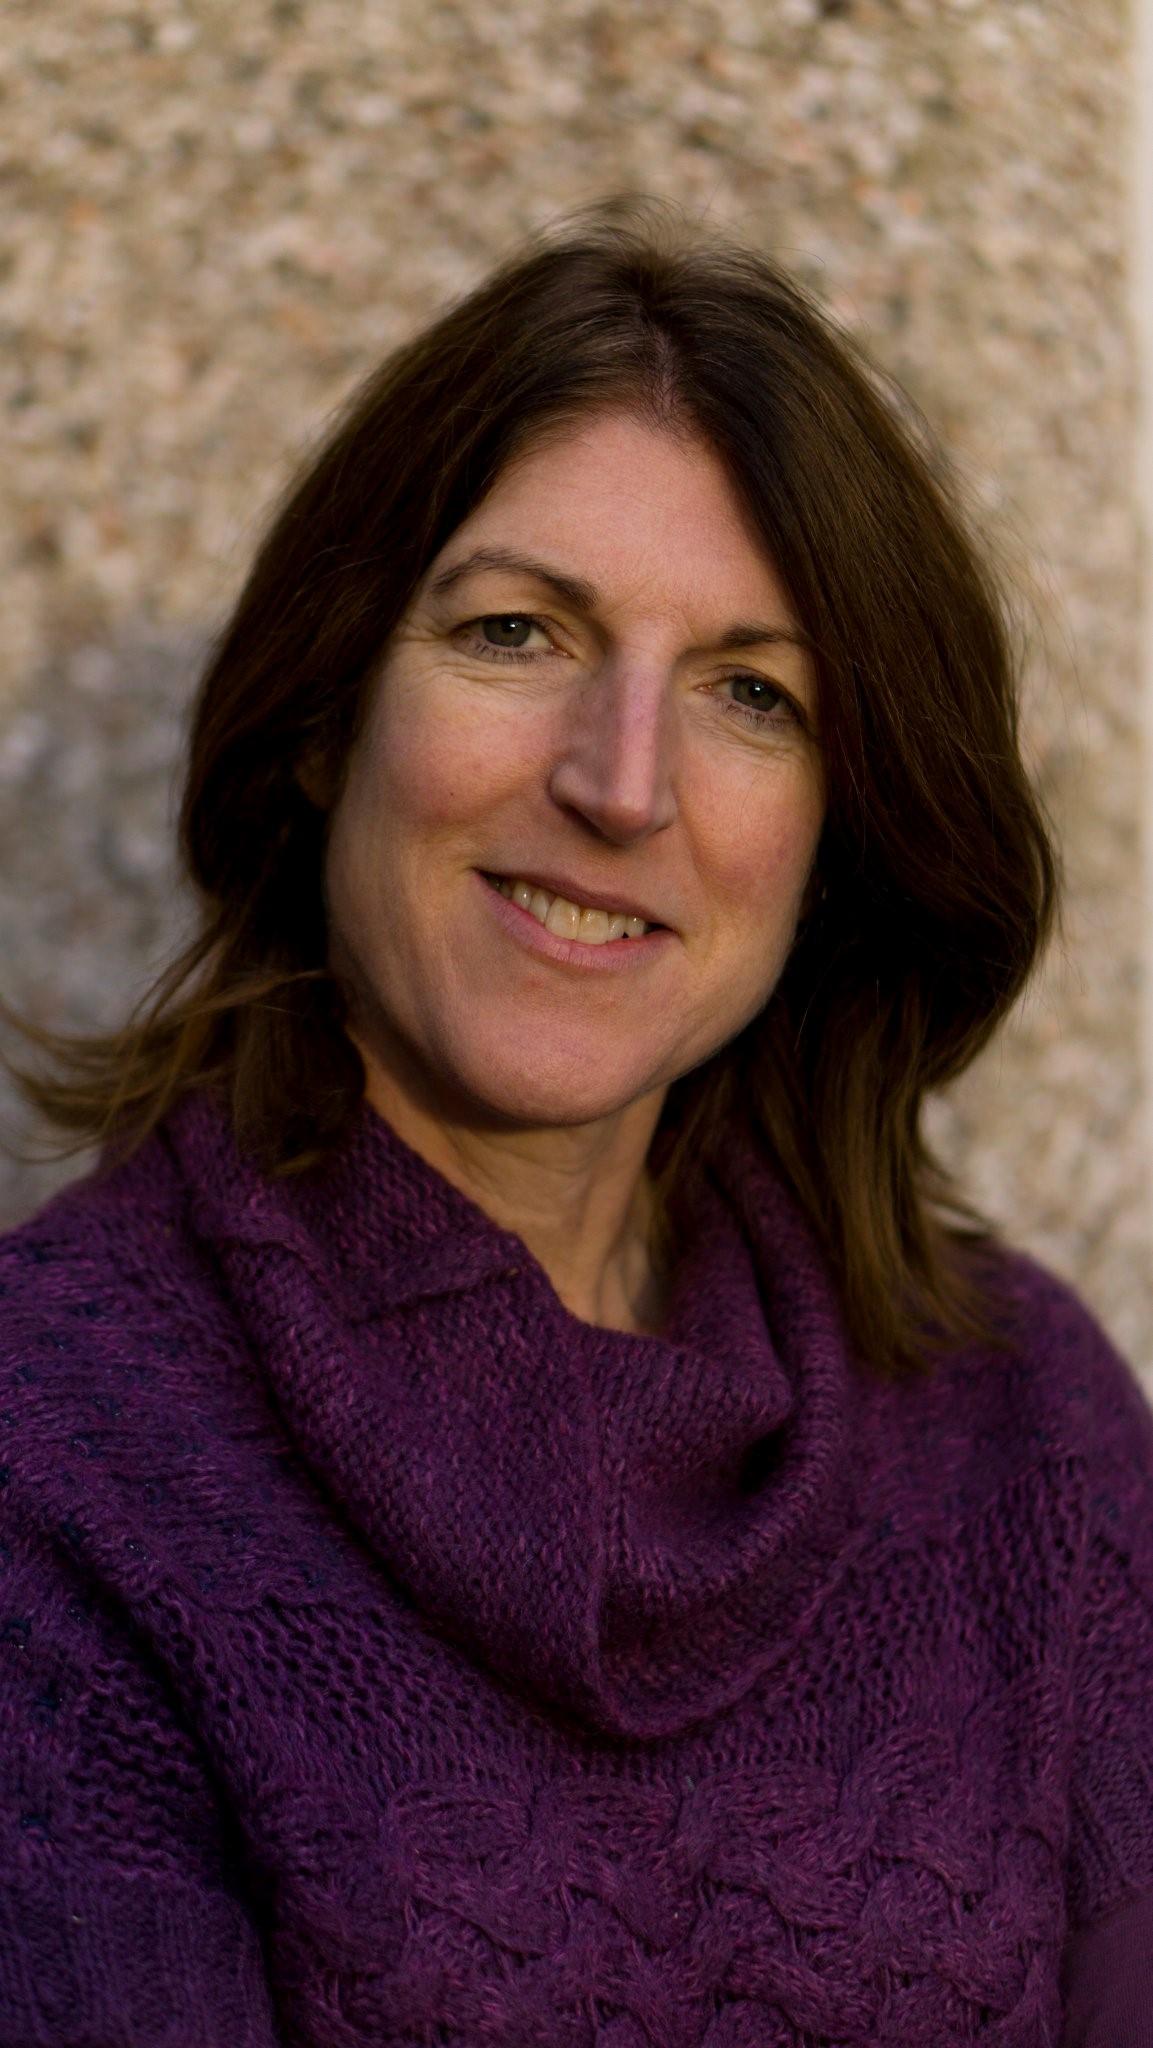 Rebecca Cresswell